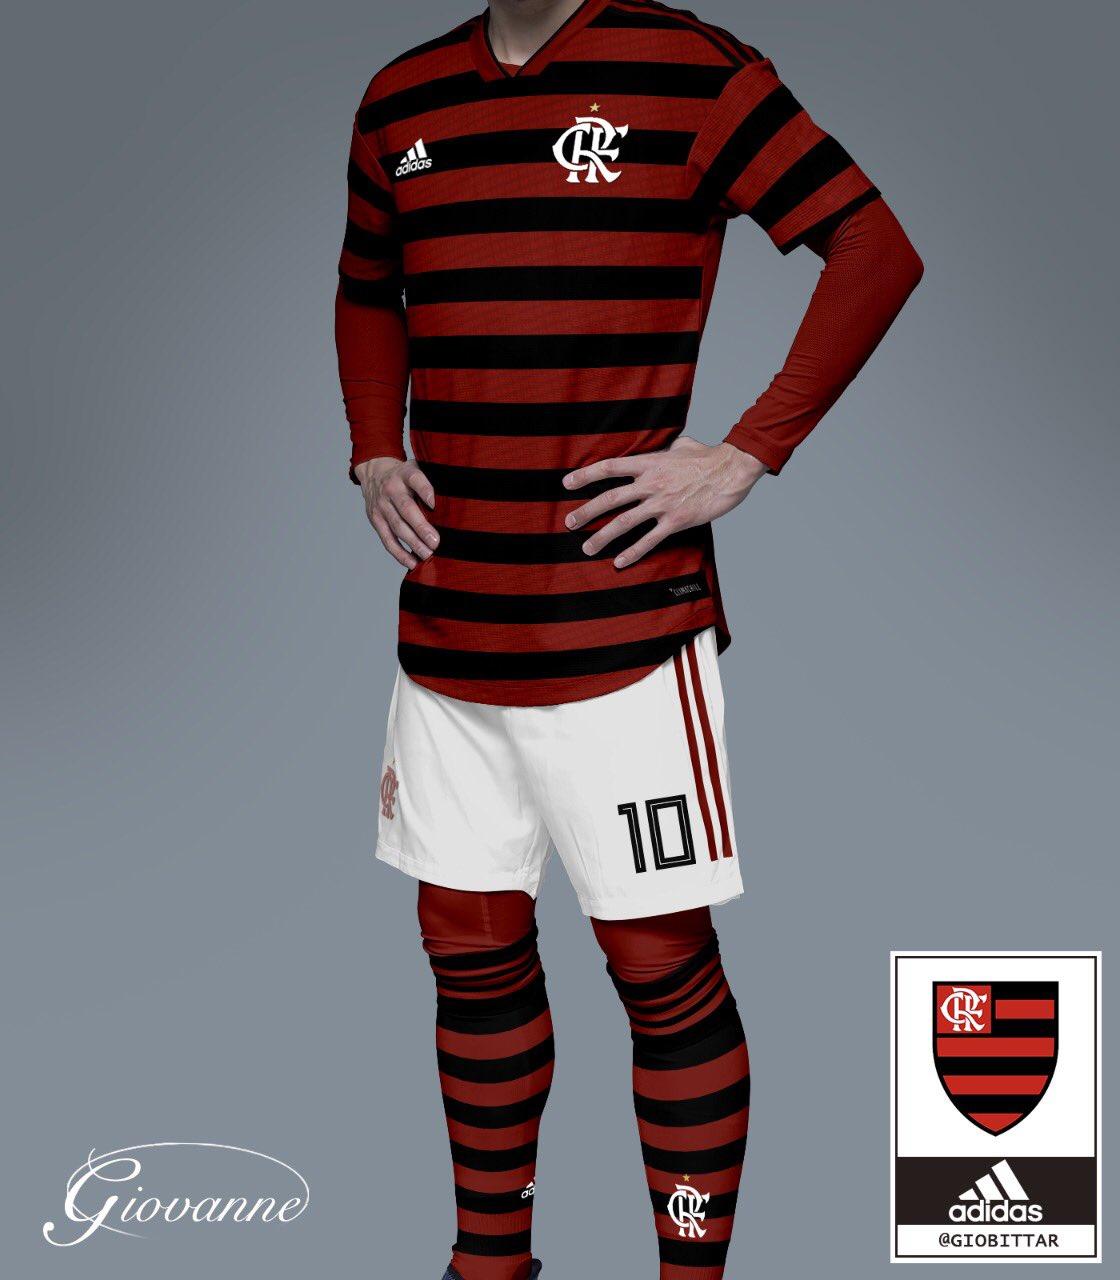 528eaa3ea6 Veja supostos novos uniformes do Flamengo para a temporada 2019